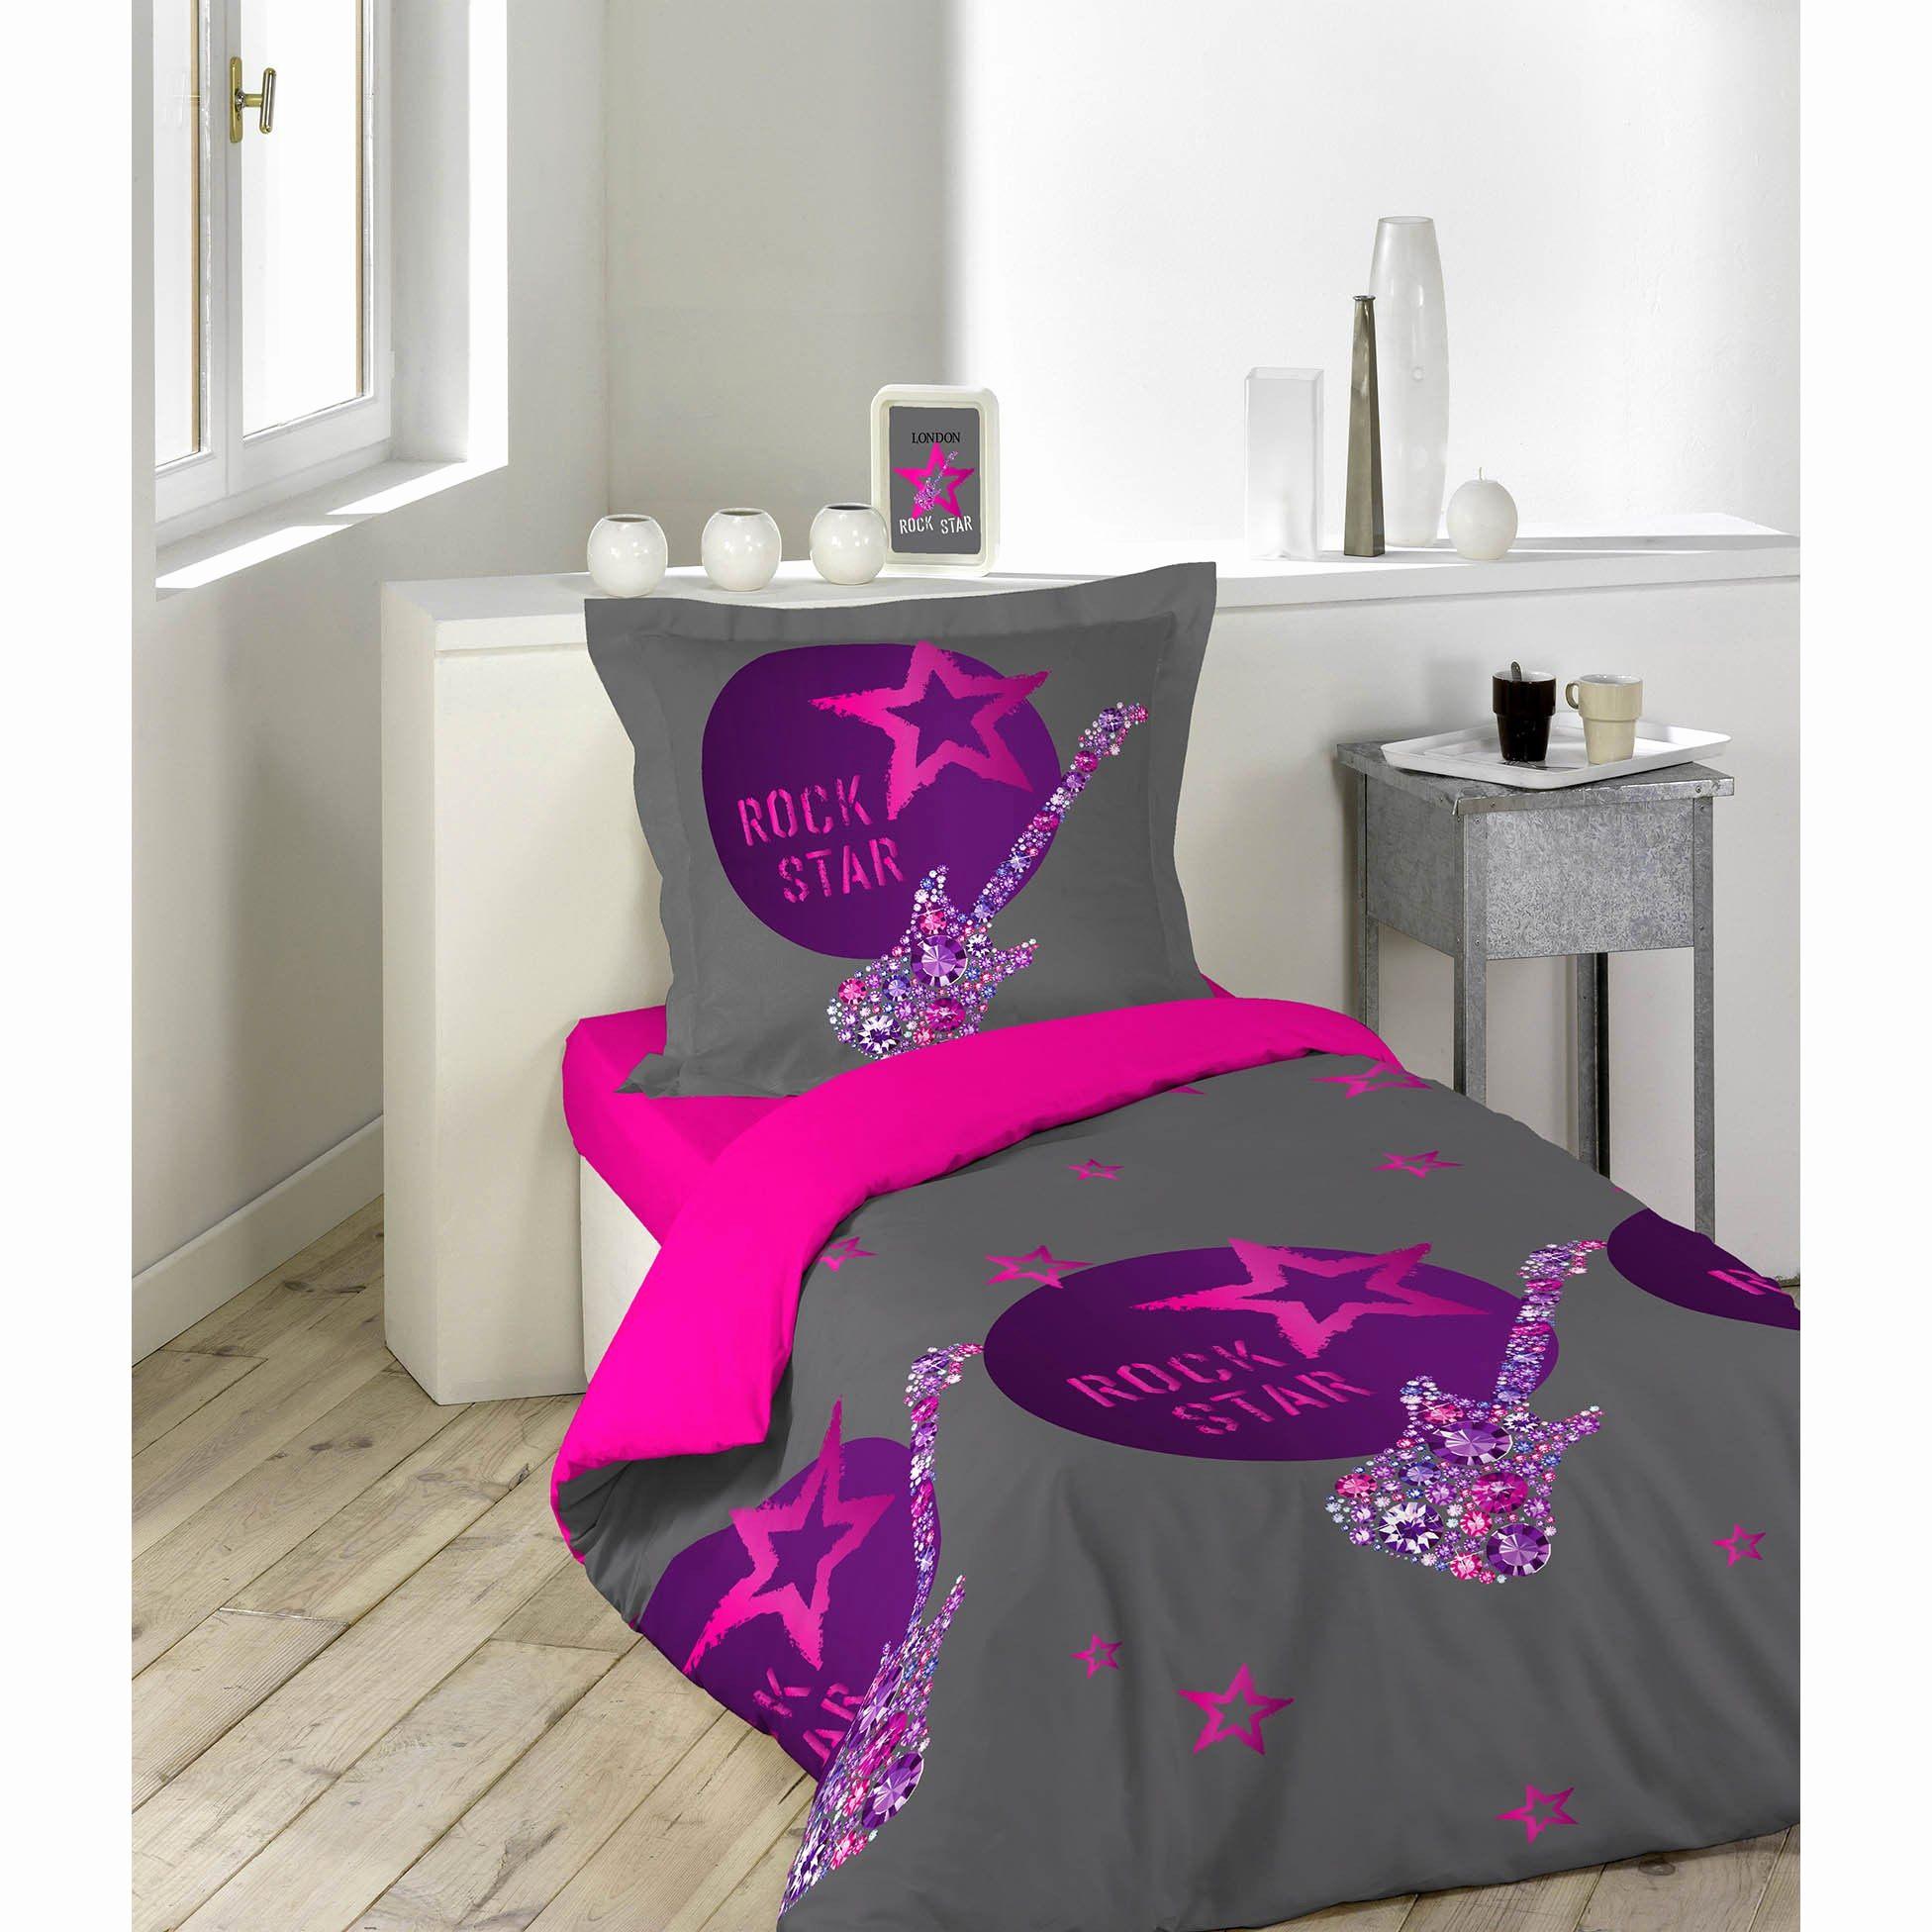 Parure De Lit Chic De Luxe Parure De Lit Design Chic Génial Linge De Lit Chic Housse De Couette